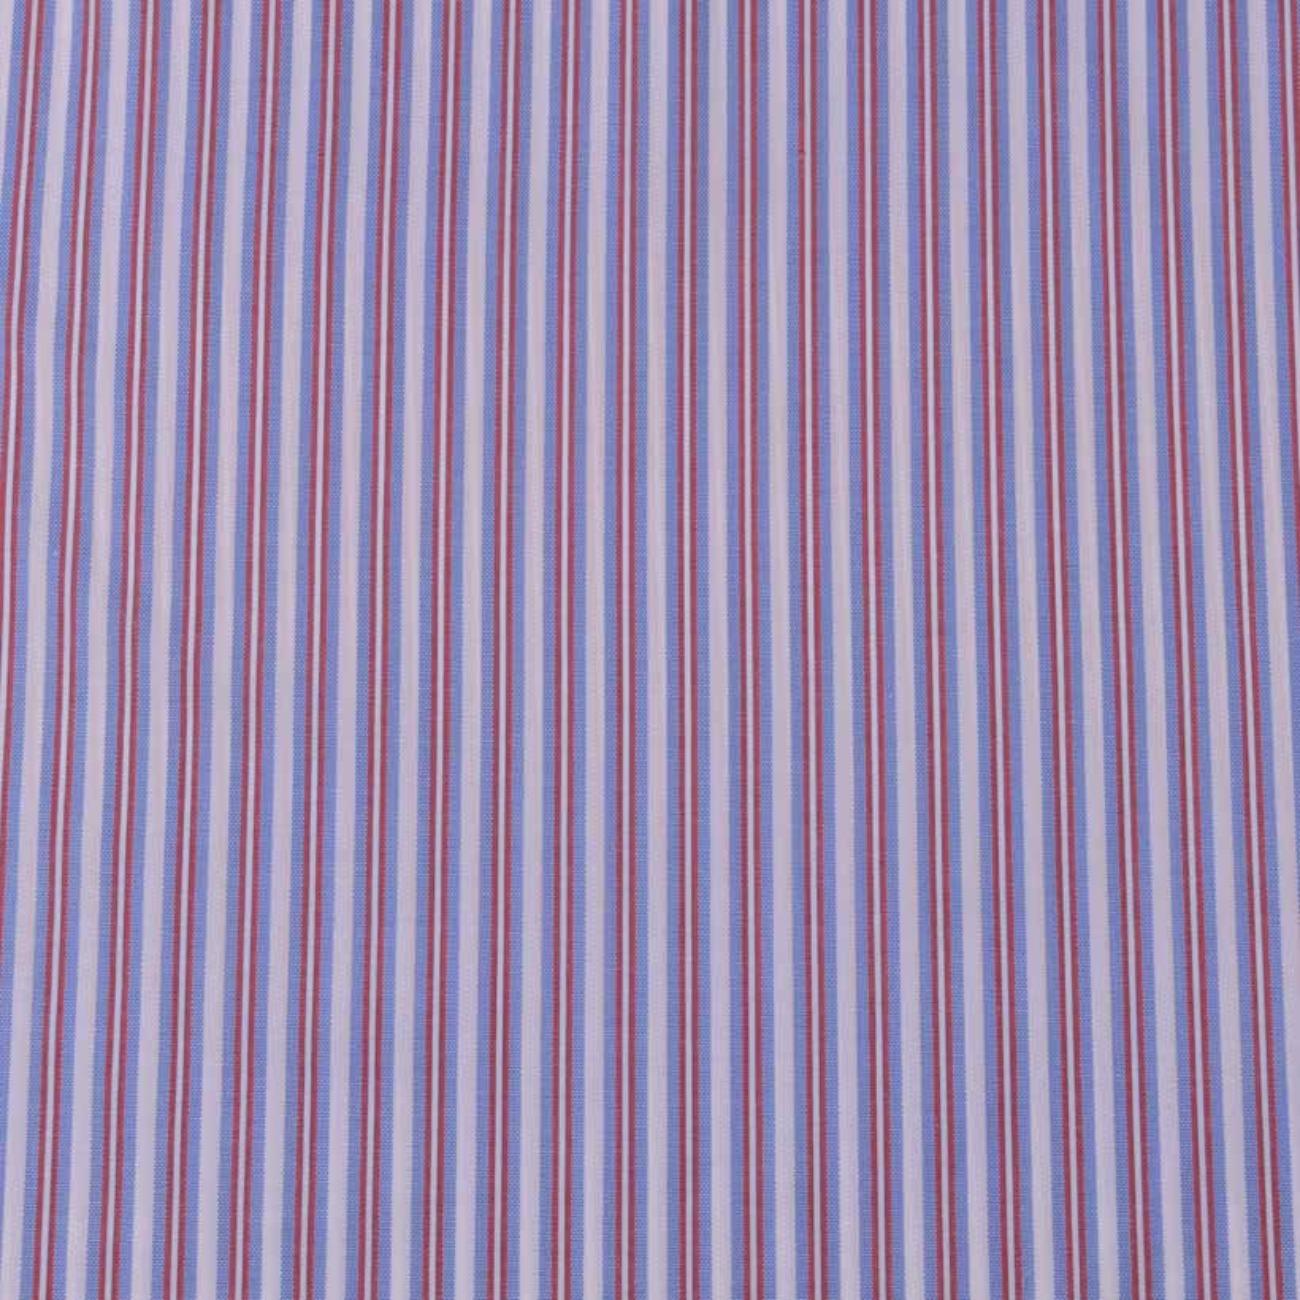 现货条子梭织色织提花低弹休闲时尚风格 衬衫 连衣裙 短裙 棉感 60929-45